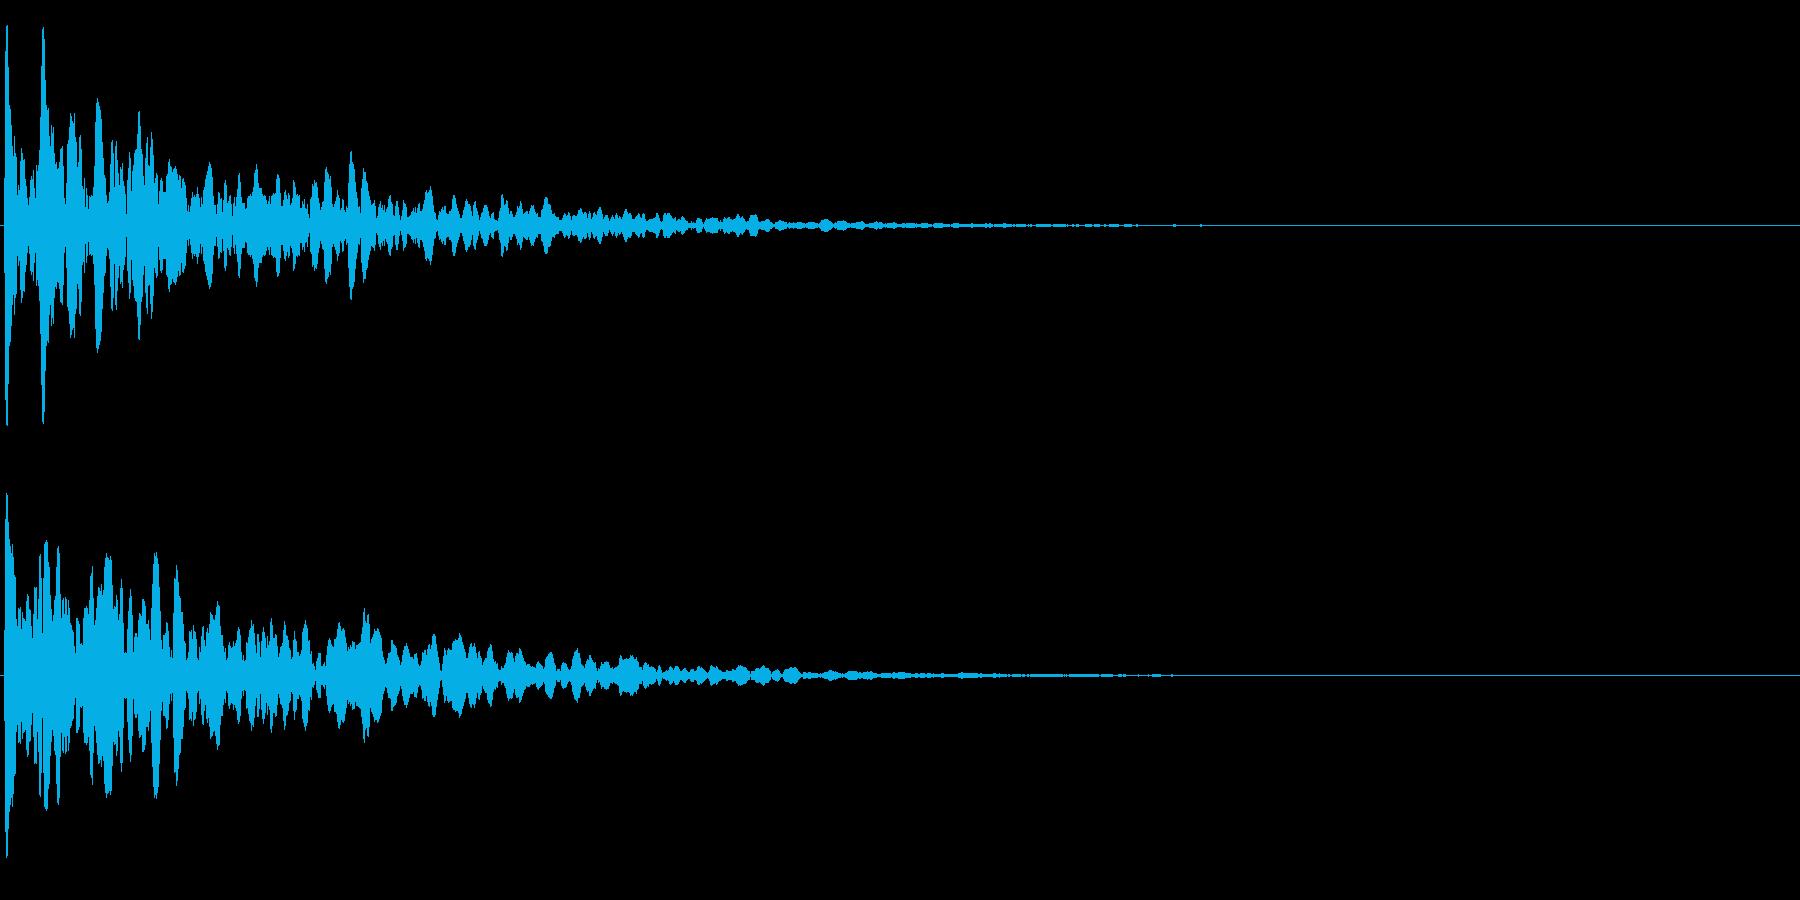 ゲームスタート、決定、ボタン音-056の再生済みの波形